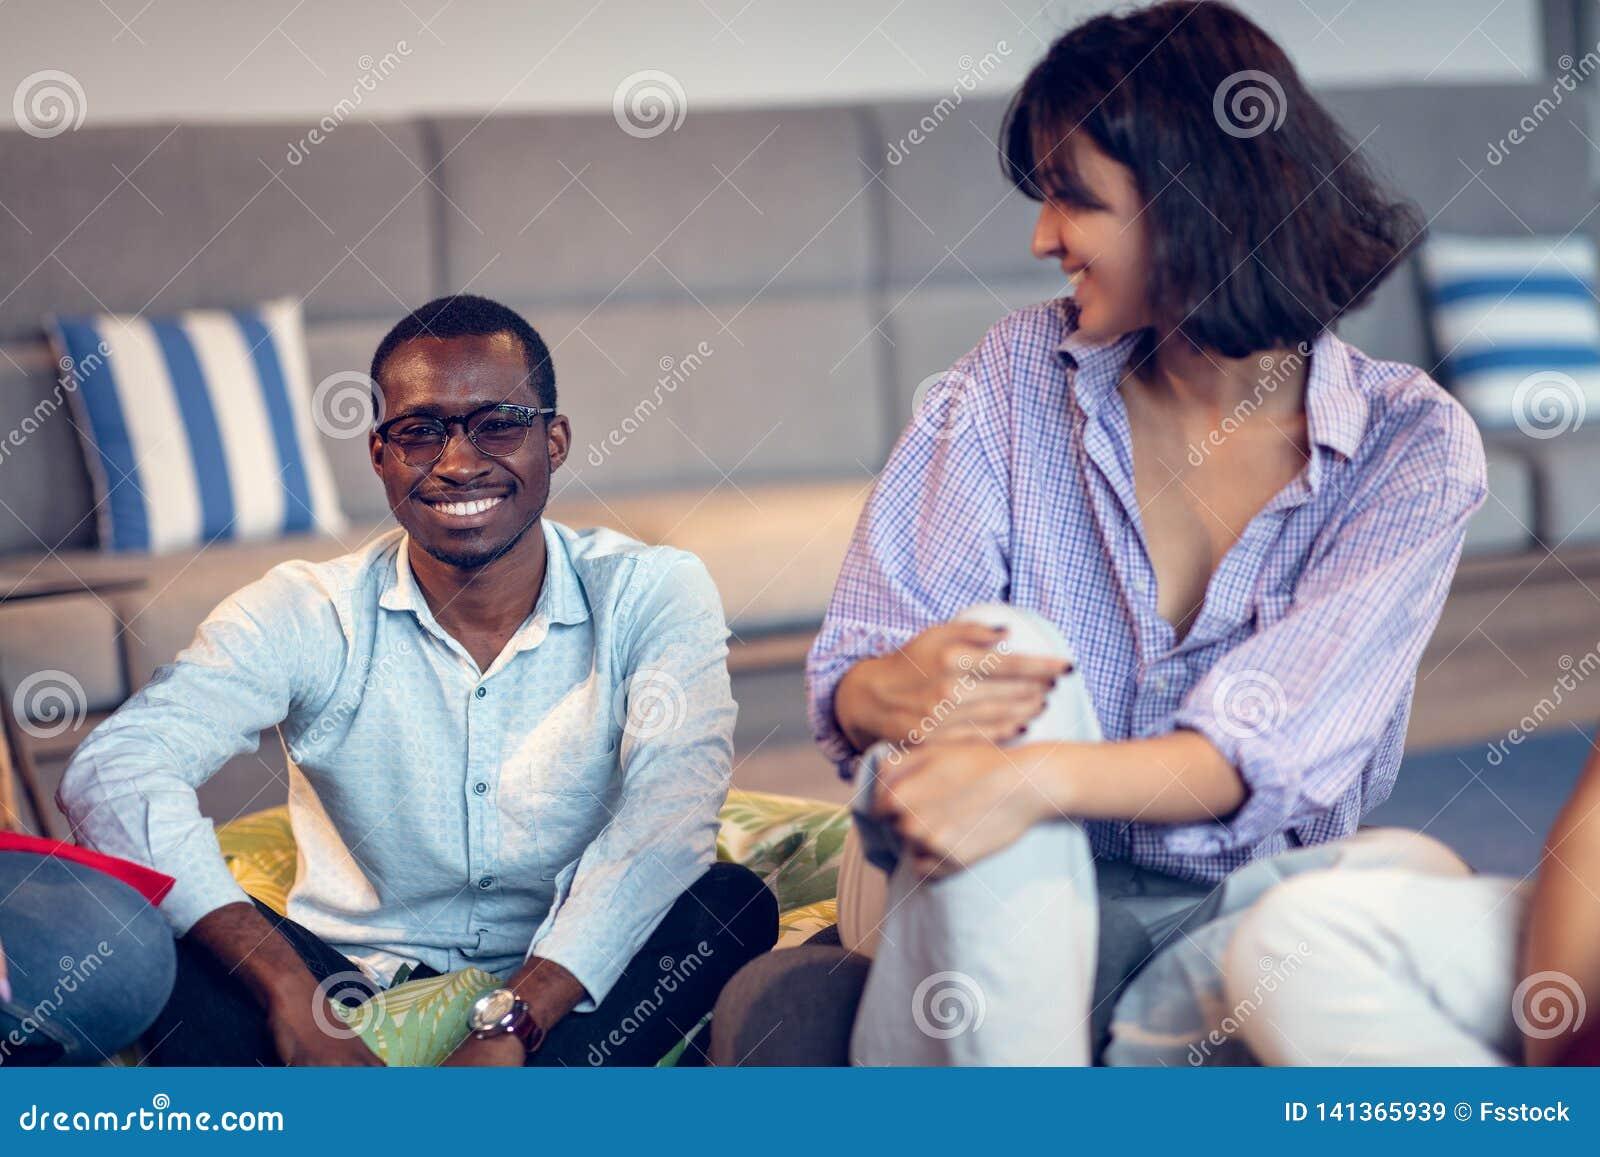 Riunione di Coworking Gruppo Startup che discute insieme nuovo progetto